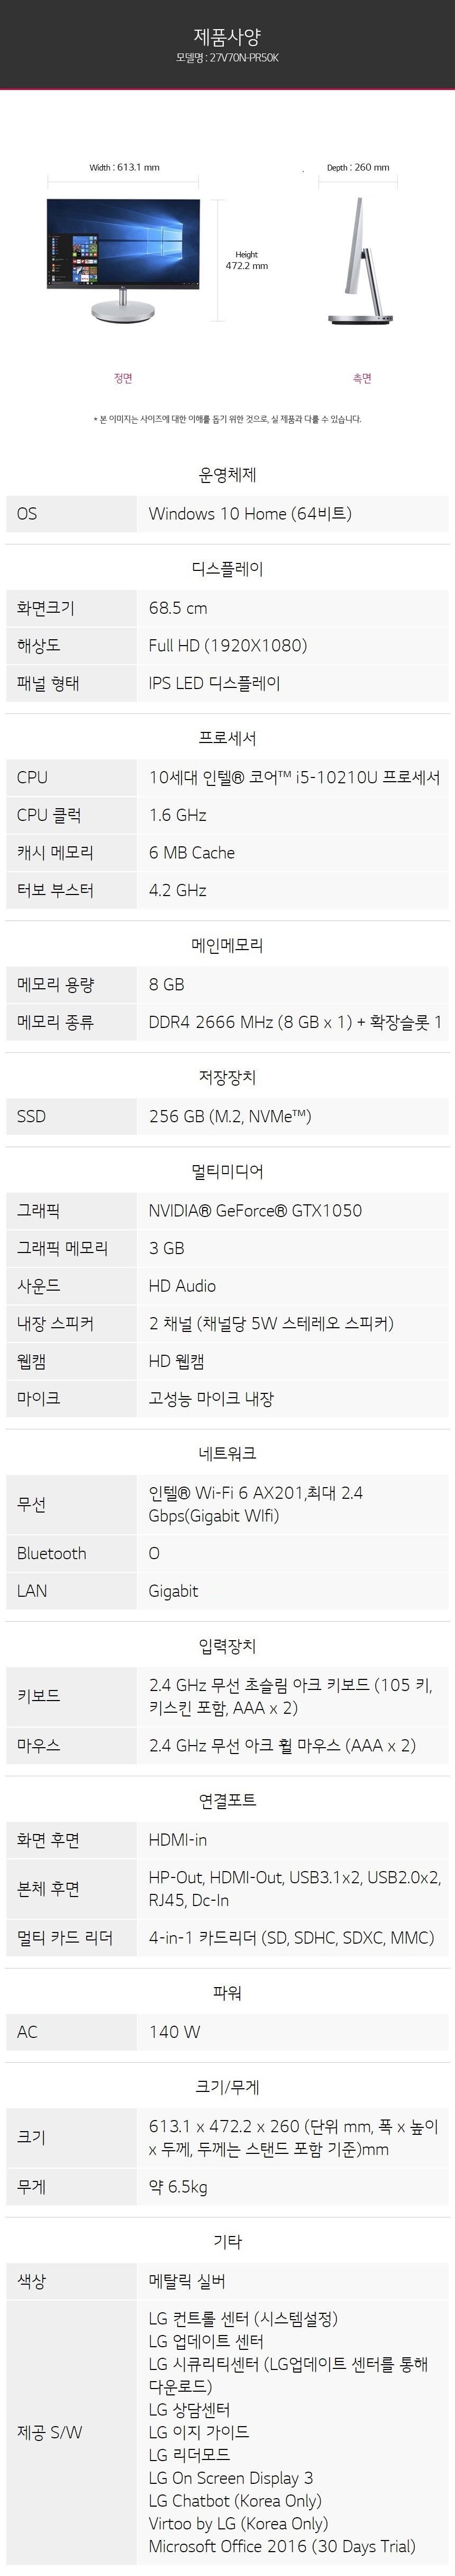 27V70N-PR50K spec.jpg